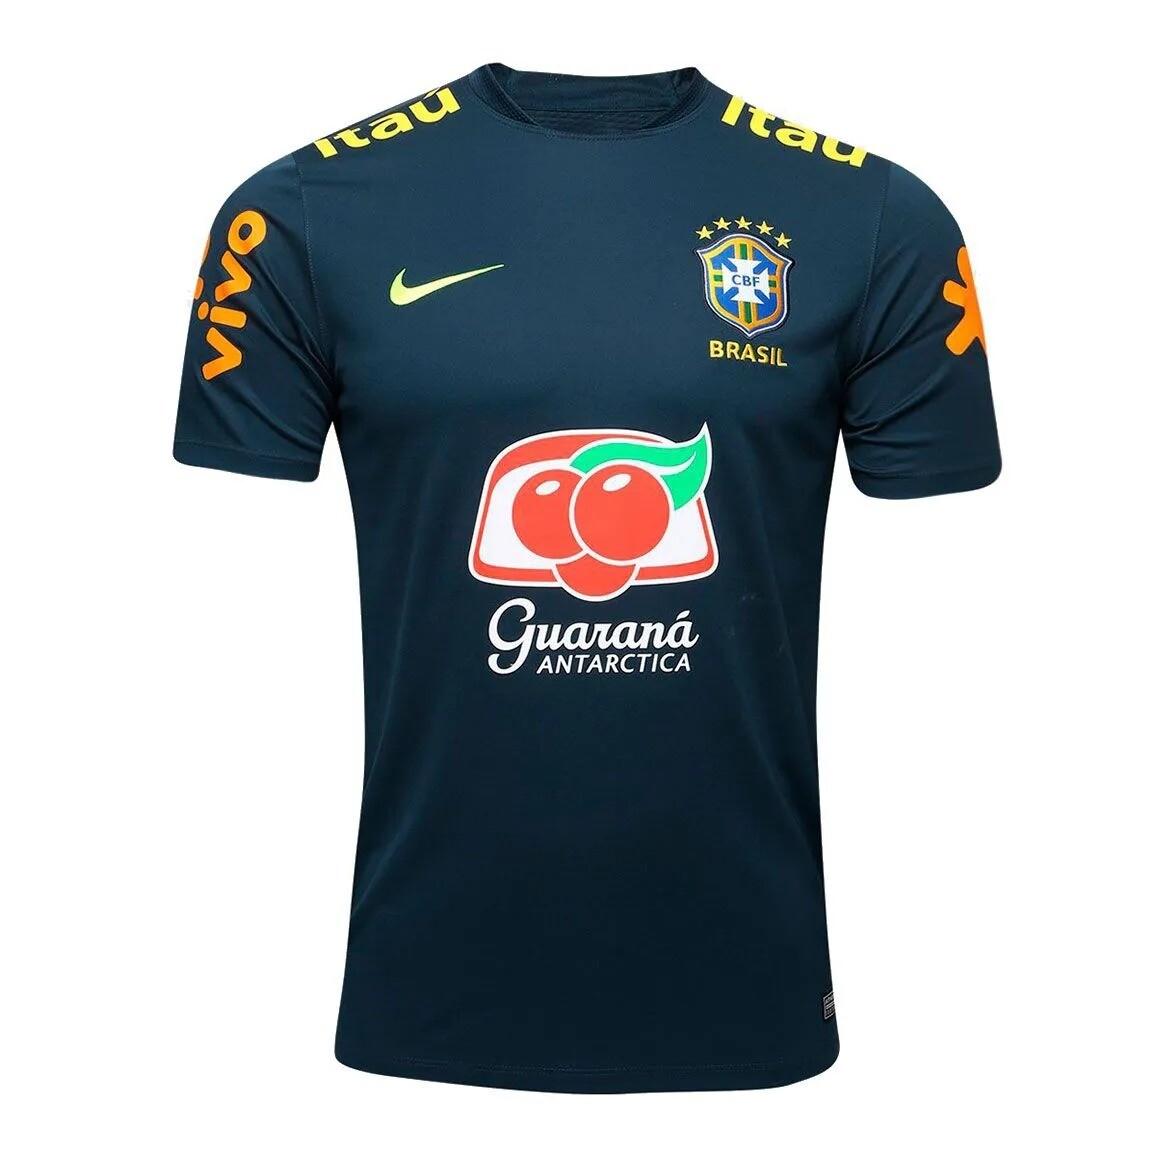 Camisa Seleção Brasileira Treino 2018/2019